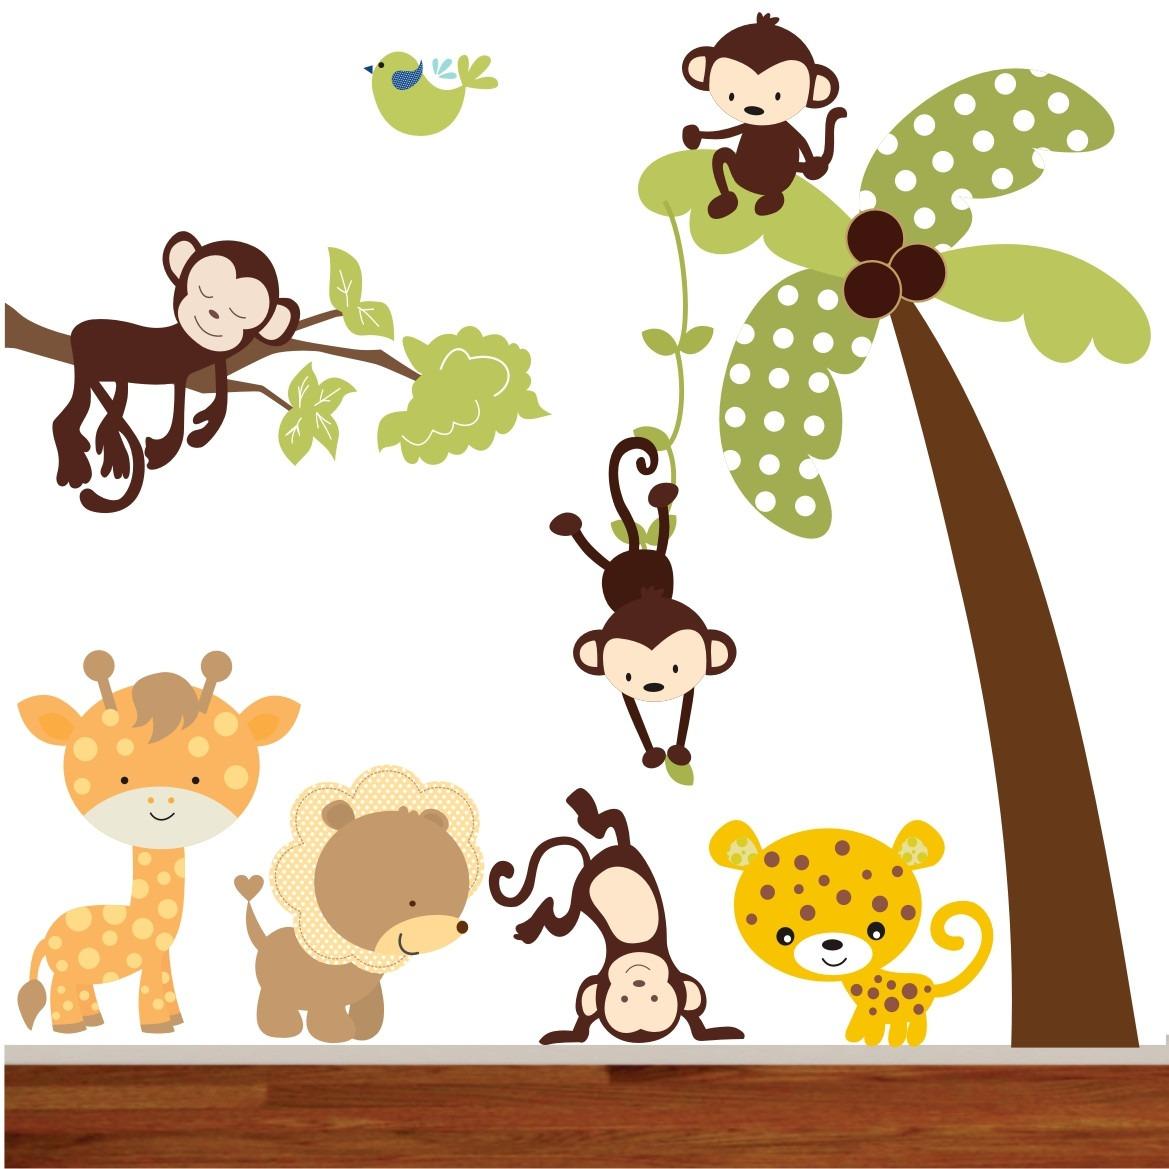 Adesivo Zoo Infantil Safari Decorativo Coqueiro Selva Galhos